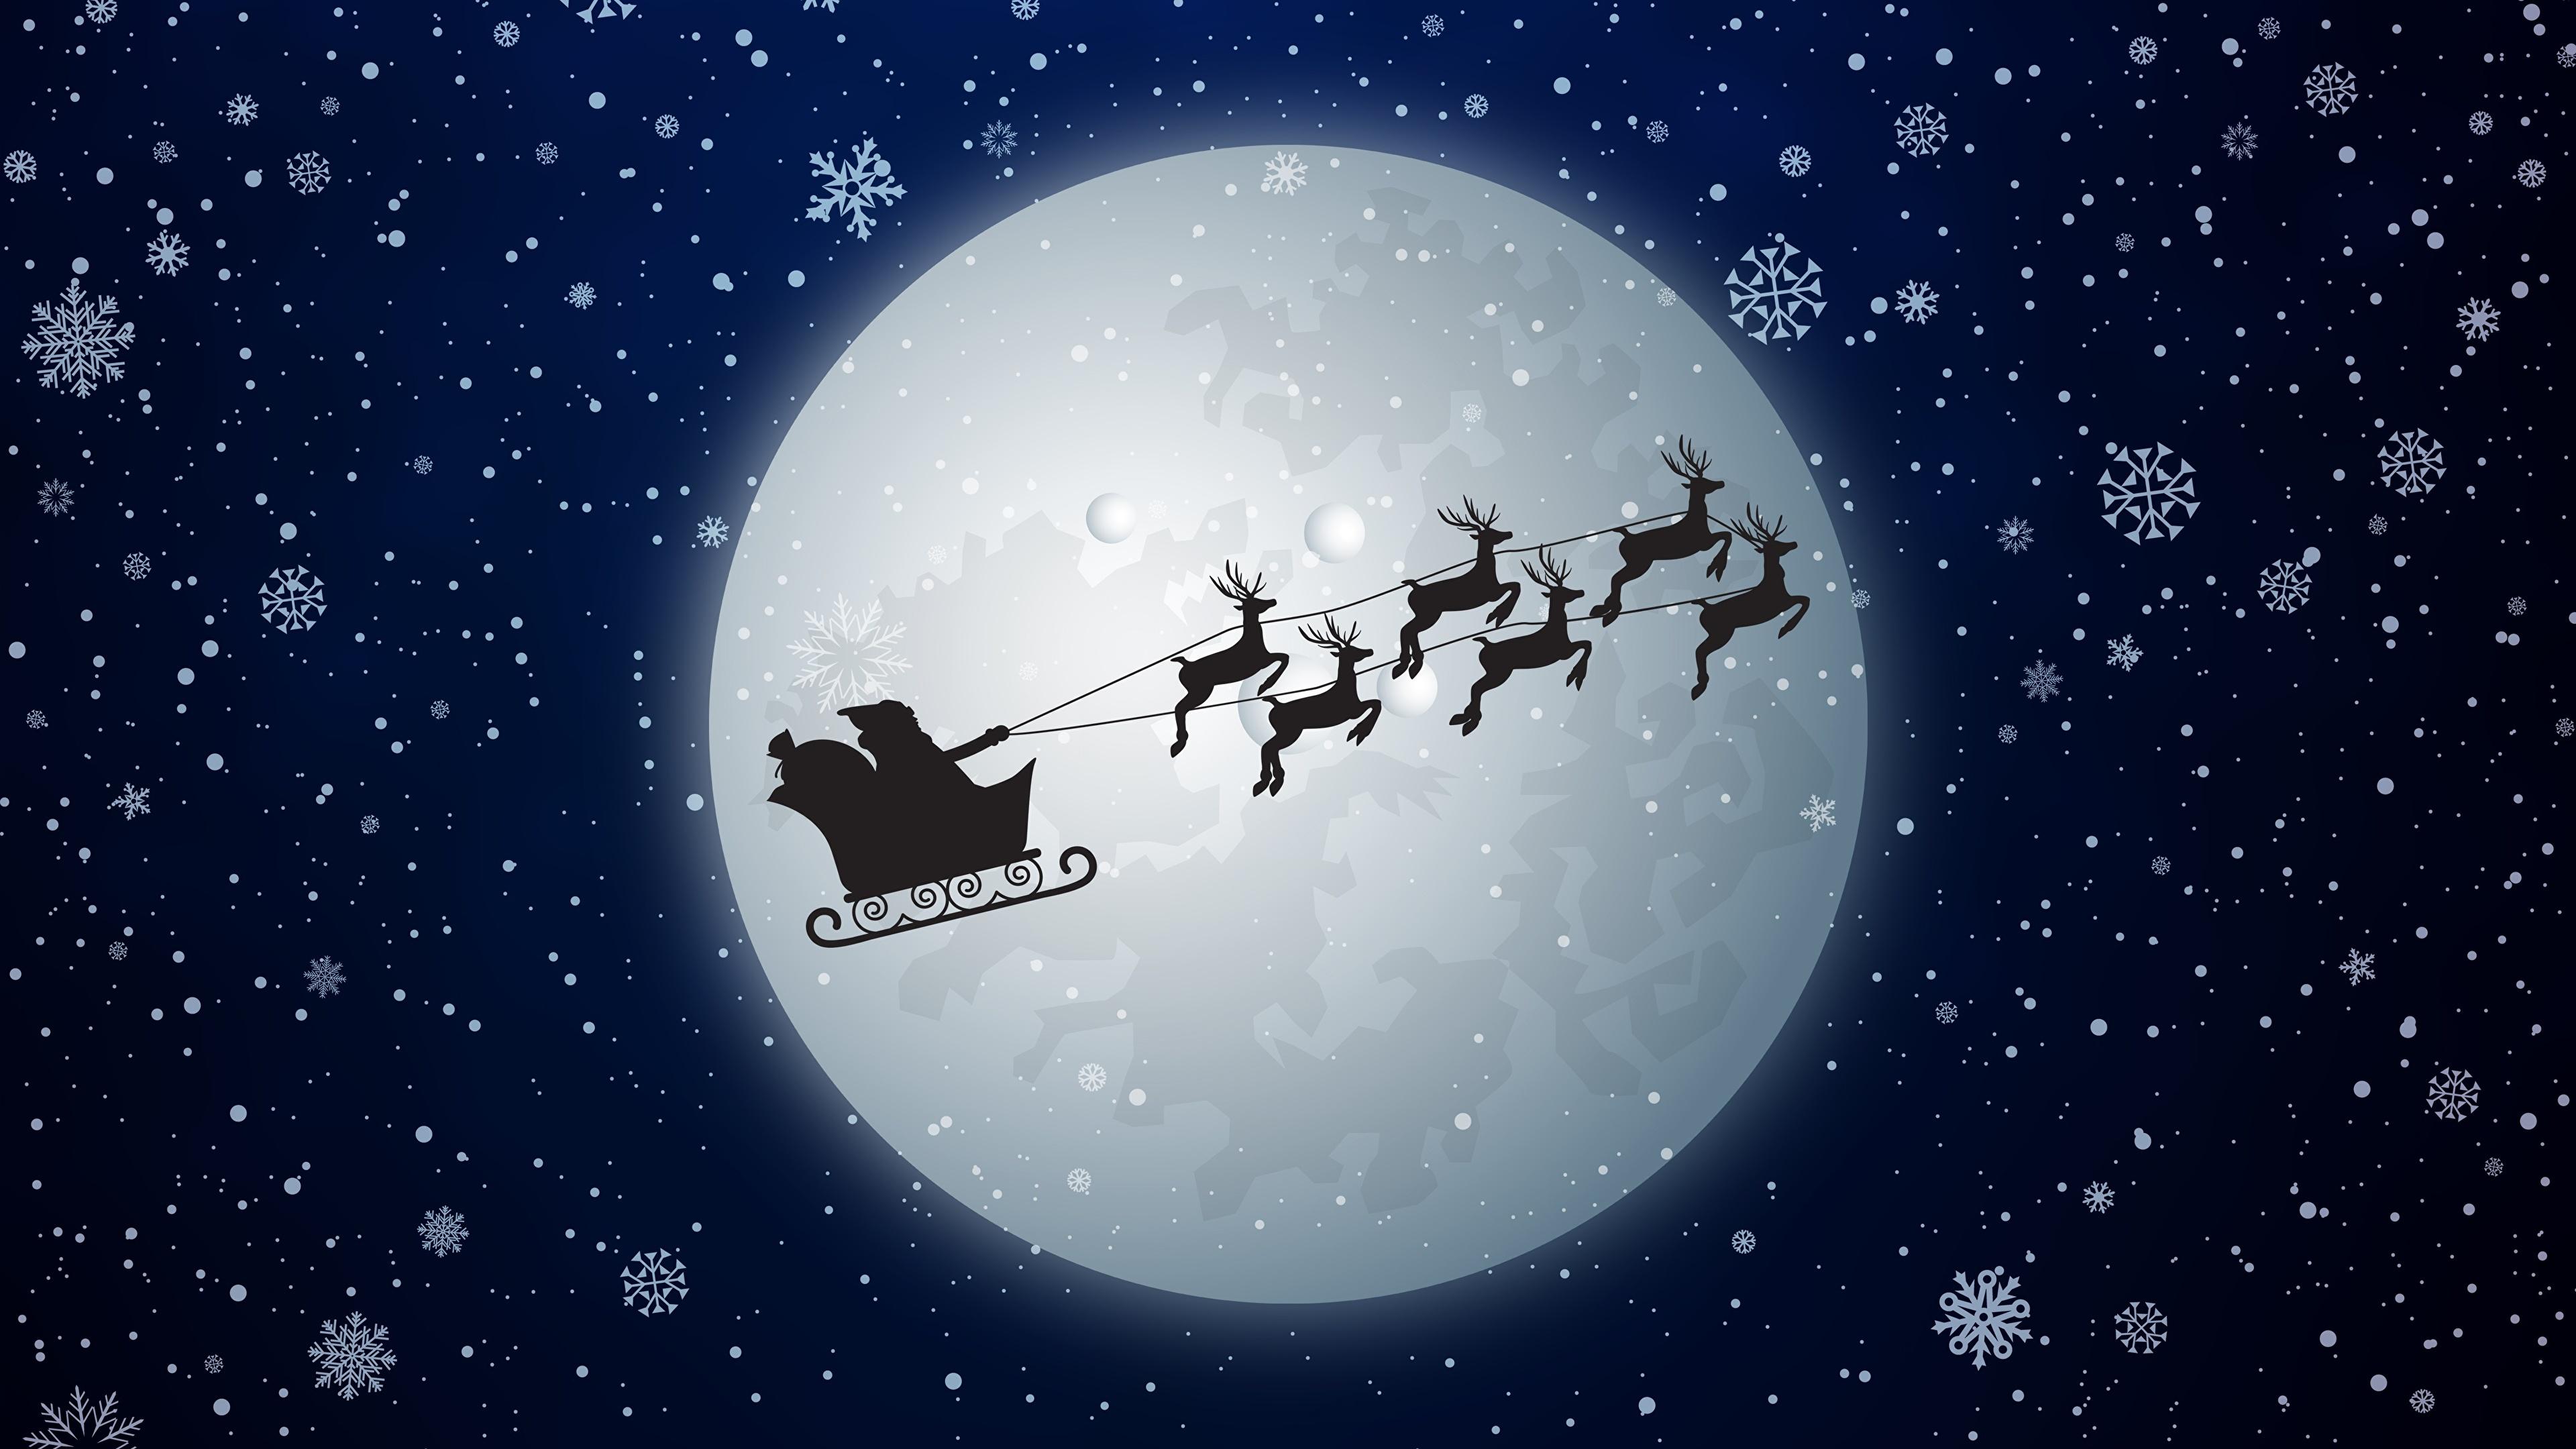 Картинка Олени Рождество Сани силуэта снежинка Дед Мороз Луна Ночные летящий 3840x2160 Новый год Санки Силуэт силуэты Снежинки Санта-Клаус луны луной Ночь ночью летят Полет летит в ночи